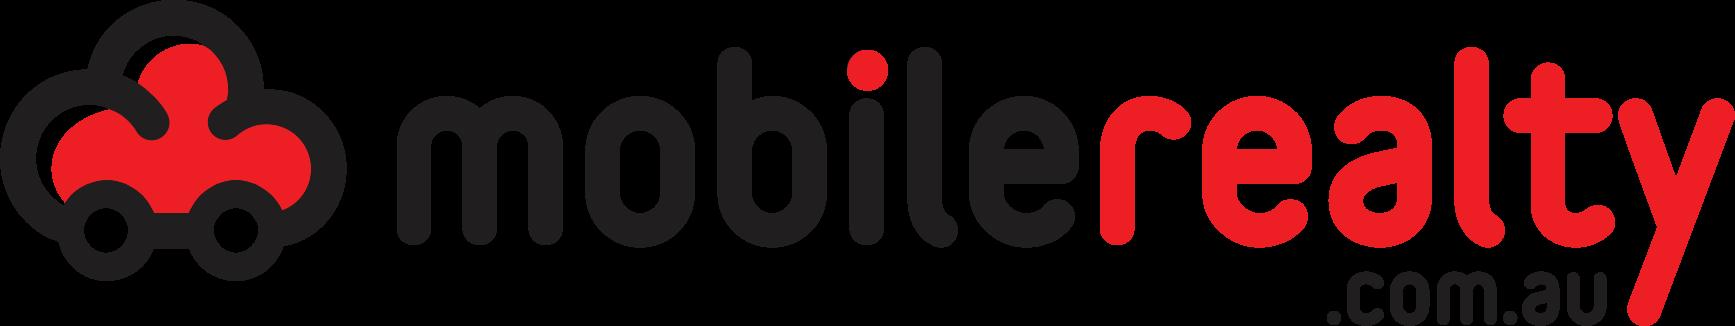 www.MobileRealty.com.au